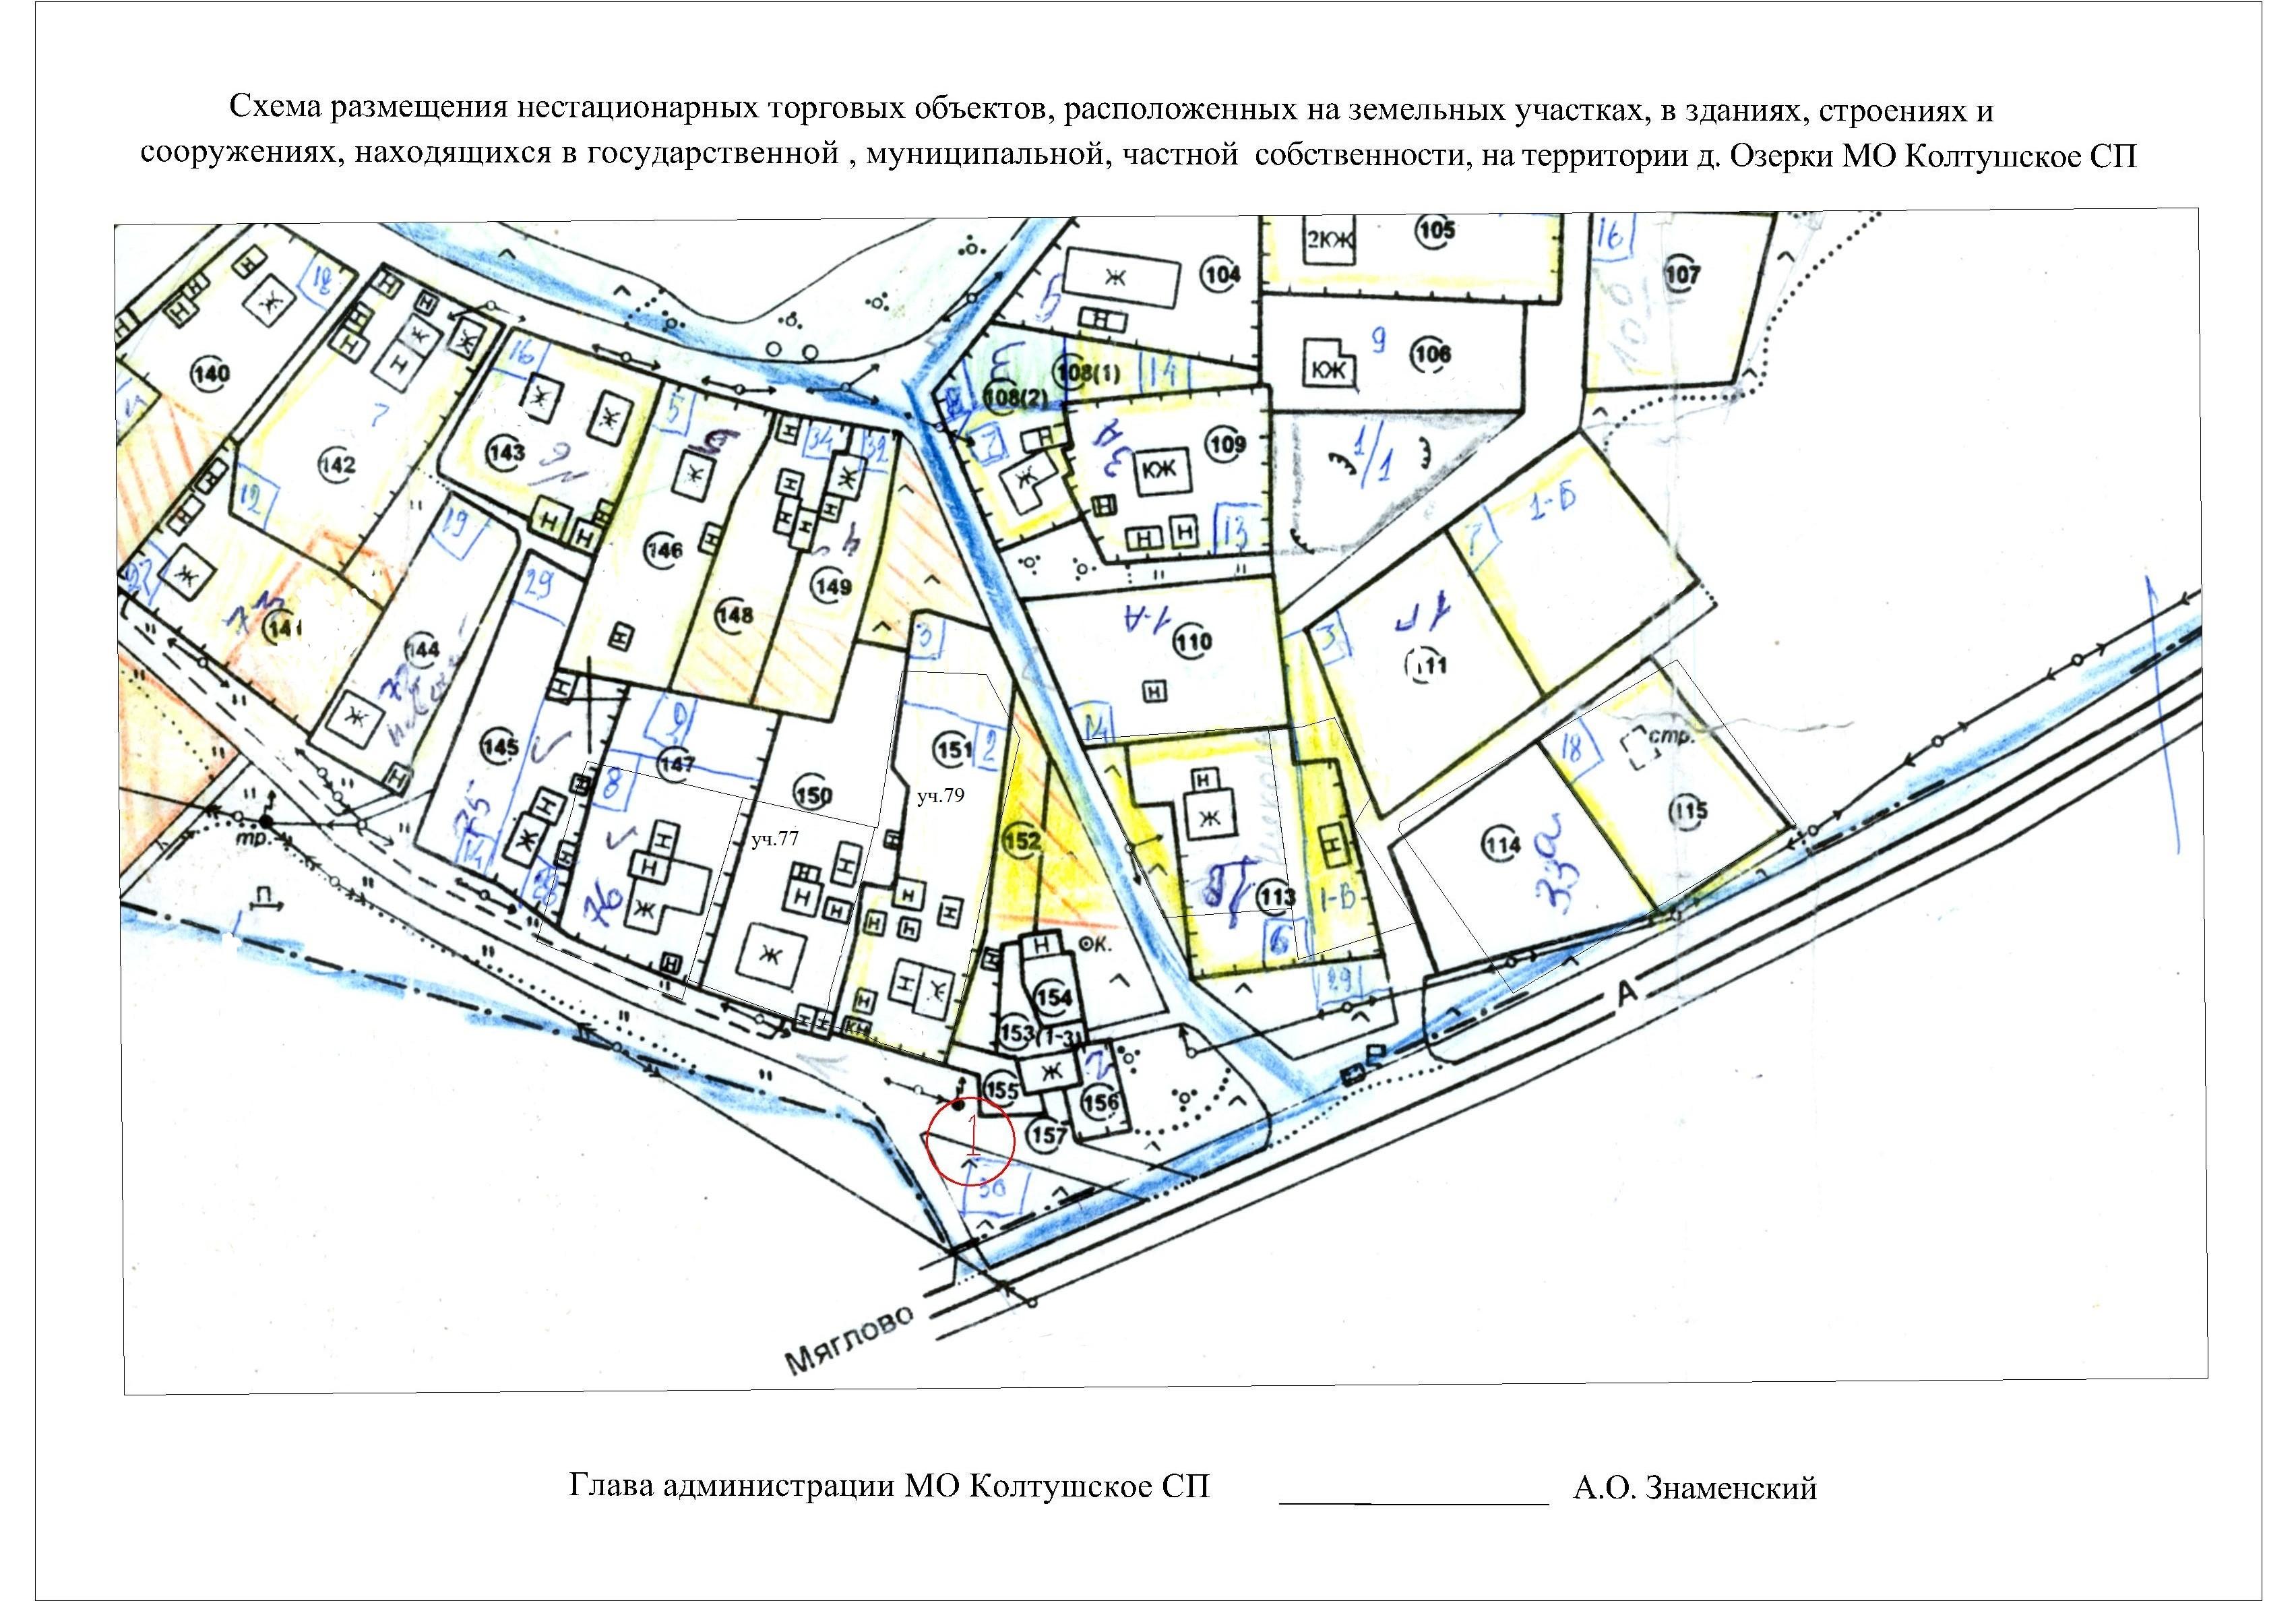 Схема размещения нестационарных торговых объектов санкт-петербурга